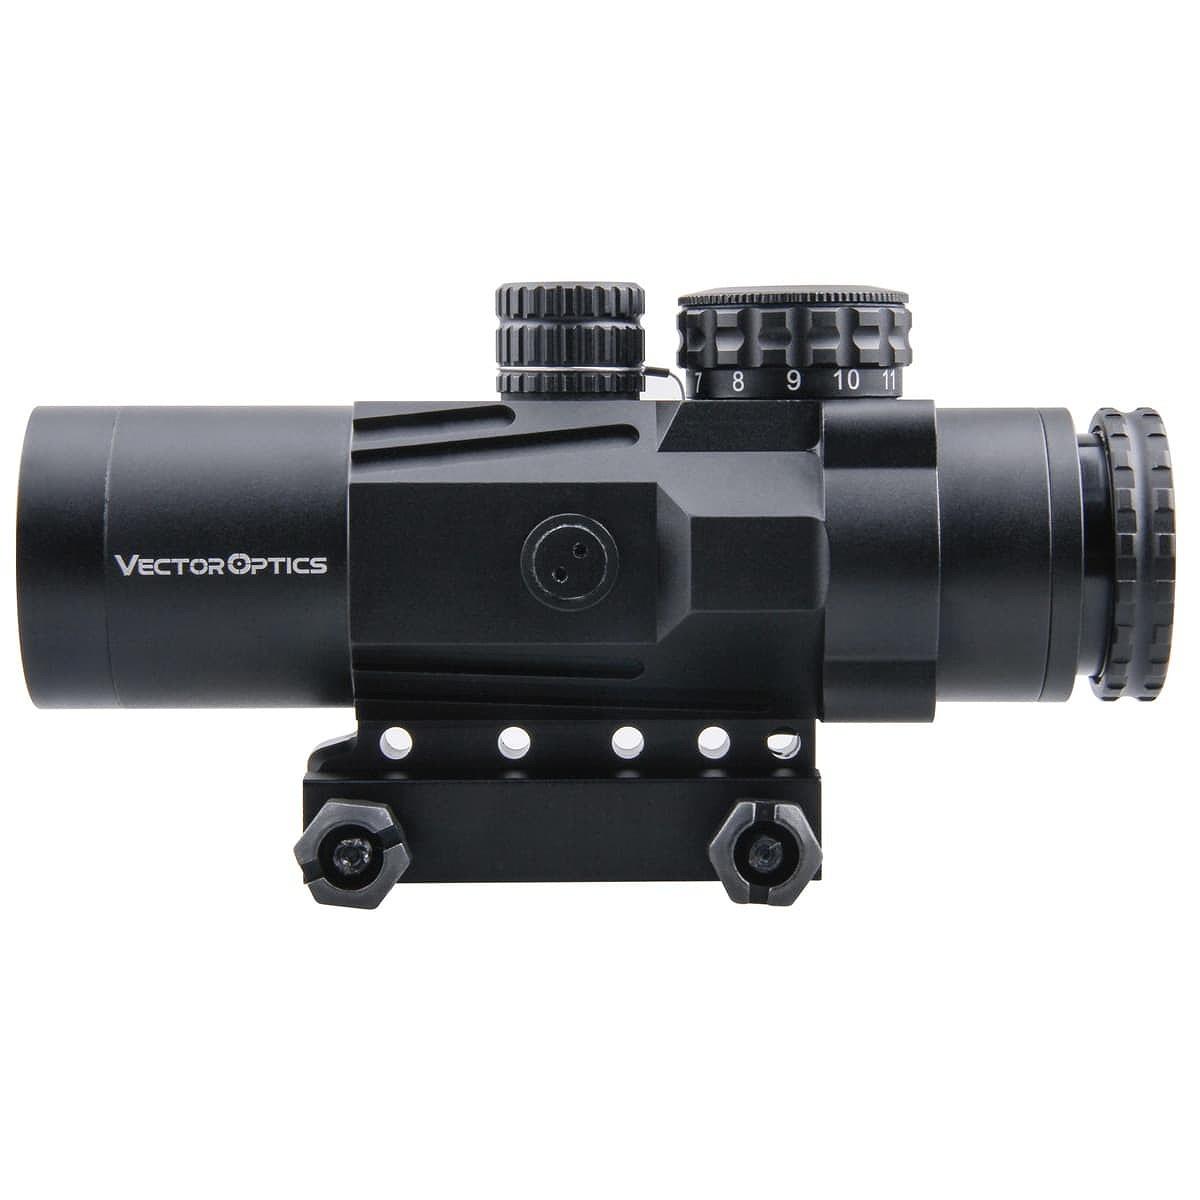 ベクターオプティクス プリズムサイト キャリポス 3x30  Vector Optics SCOC-20